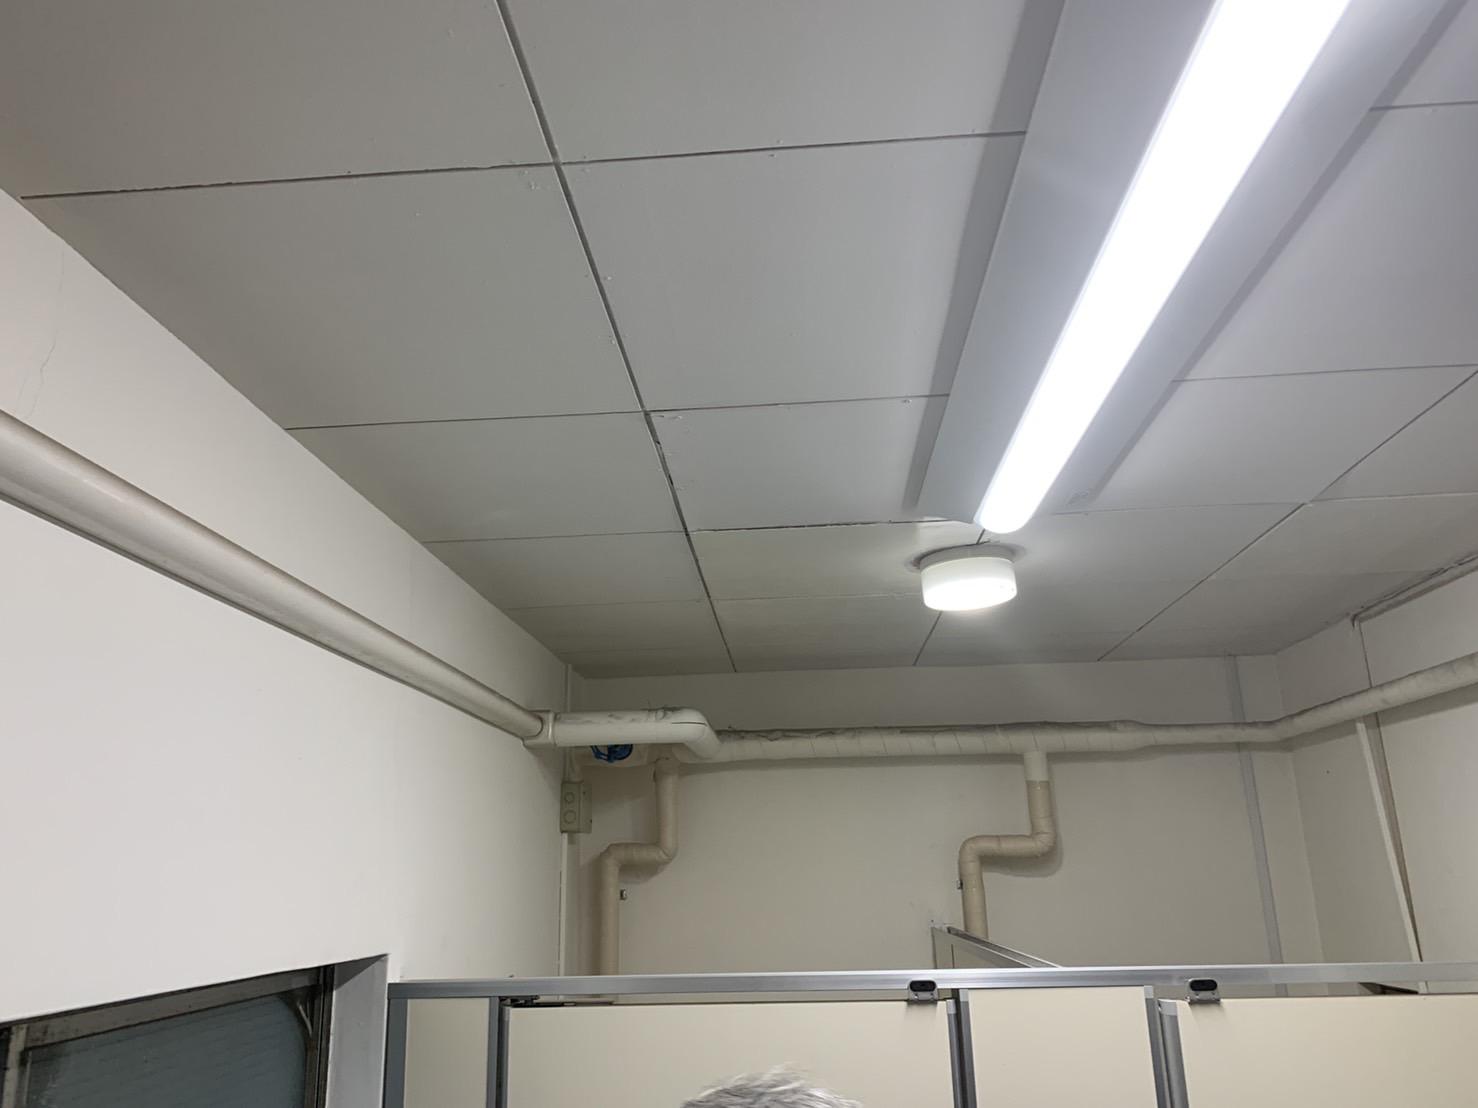 【施工実績】東京都千代田区 Bビル屋上 給水配管更新工事